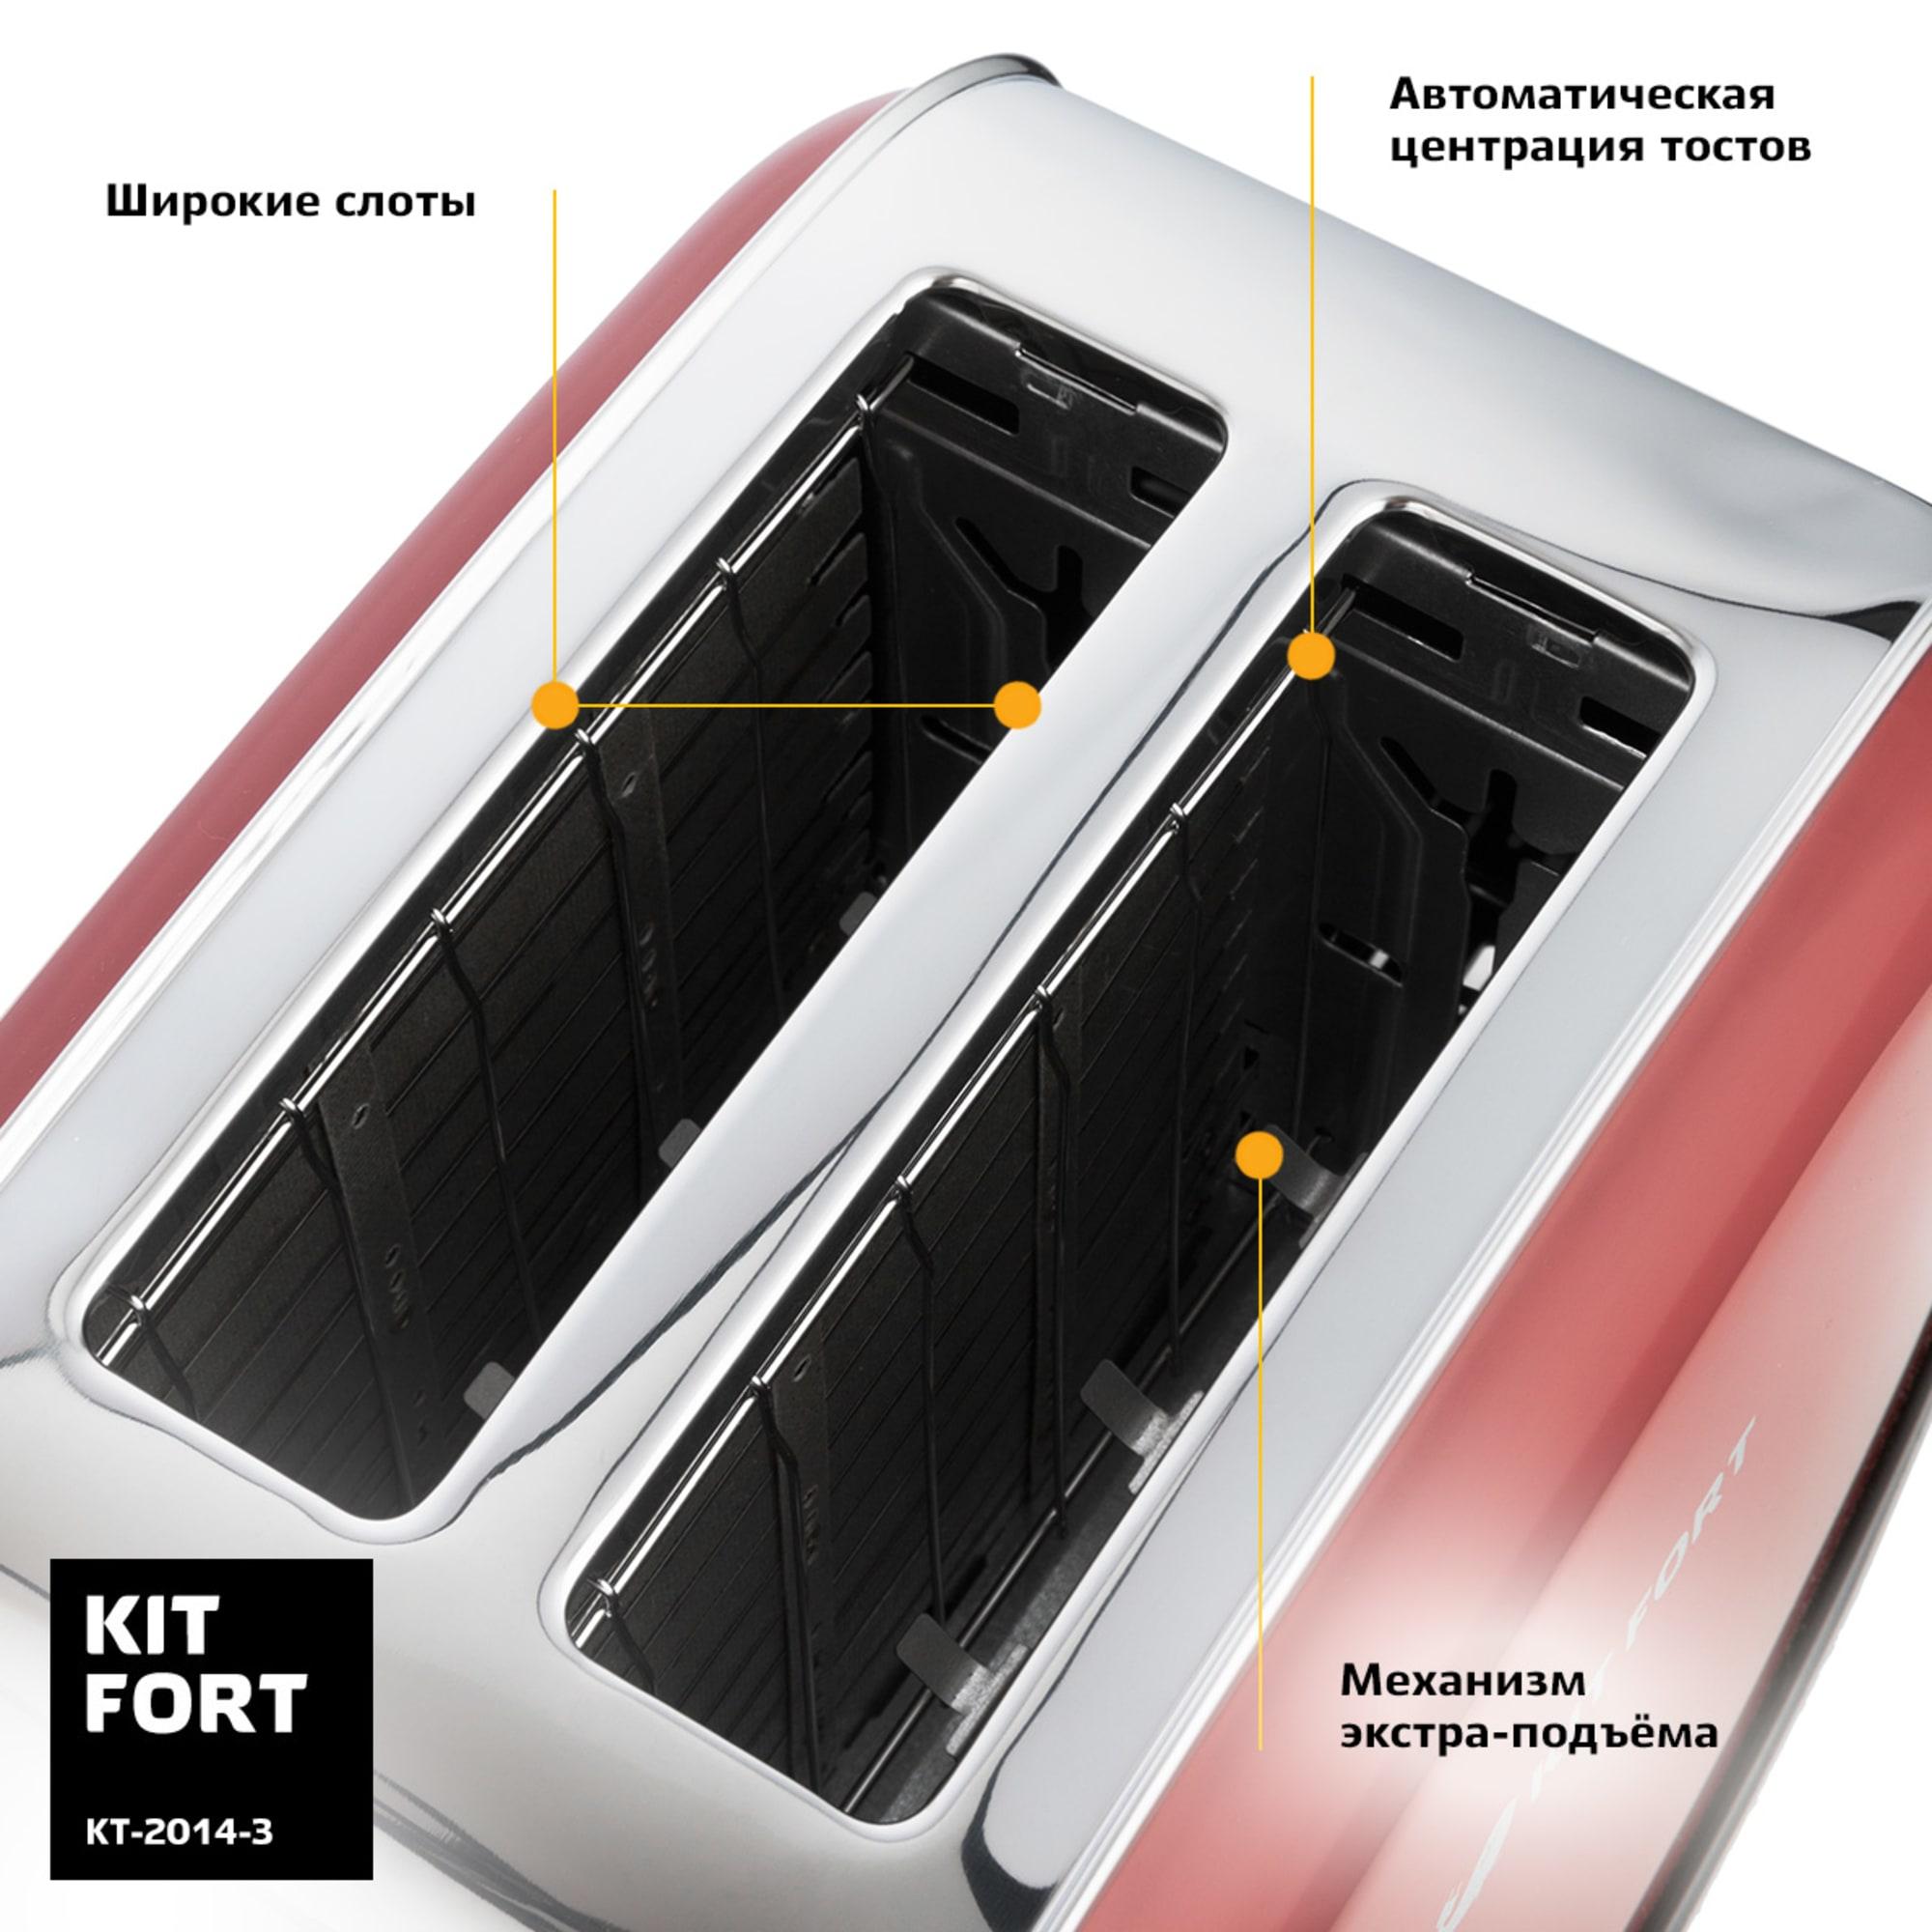 Kitfort KT-2014-3 Red